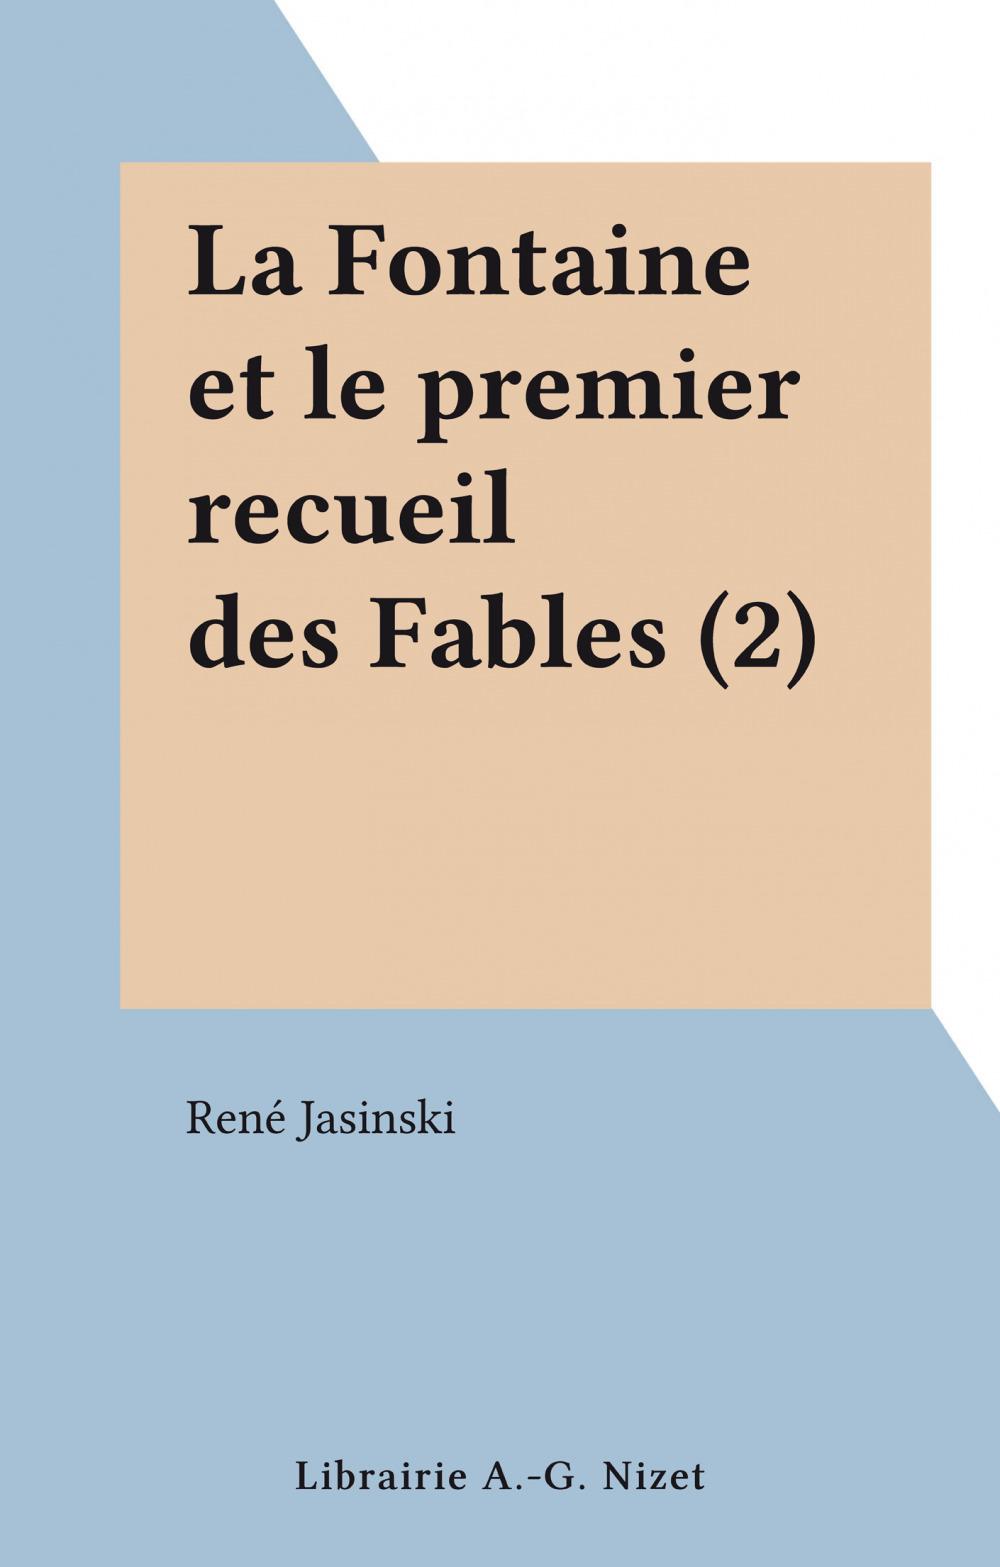 La Fontaine et le premier recueil des Fables (2)